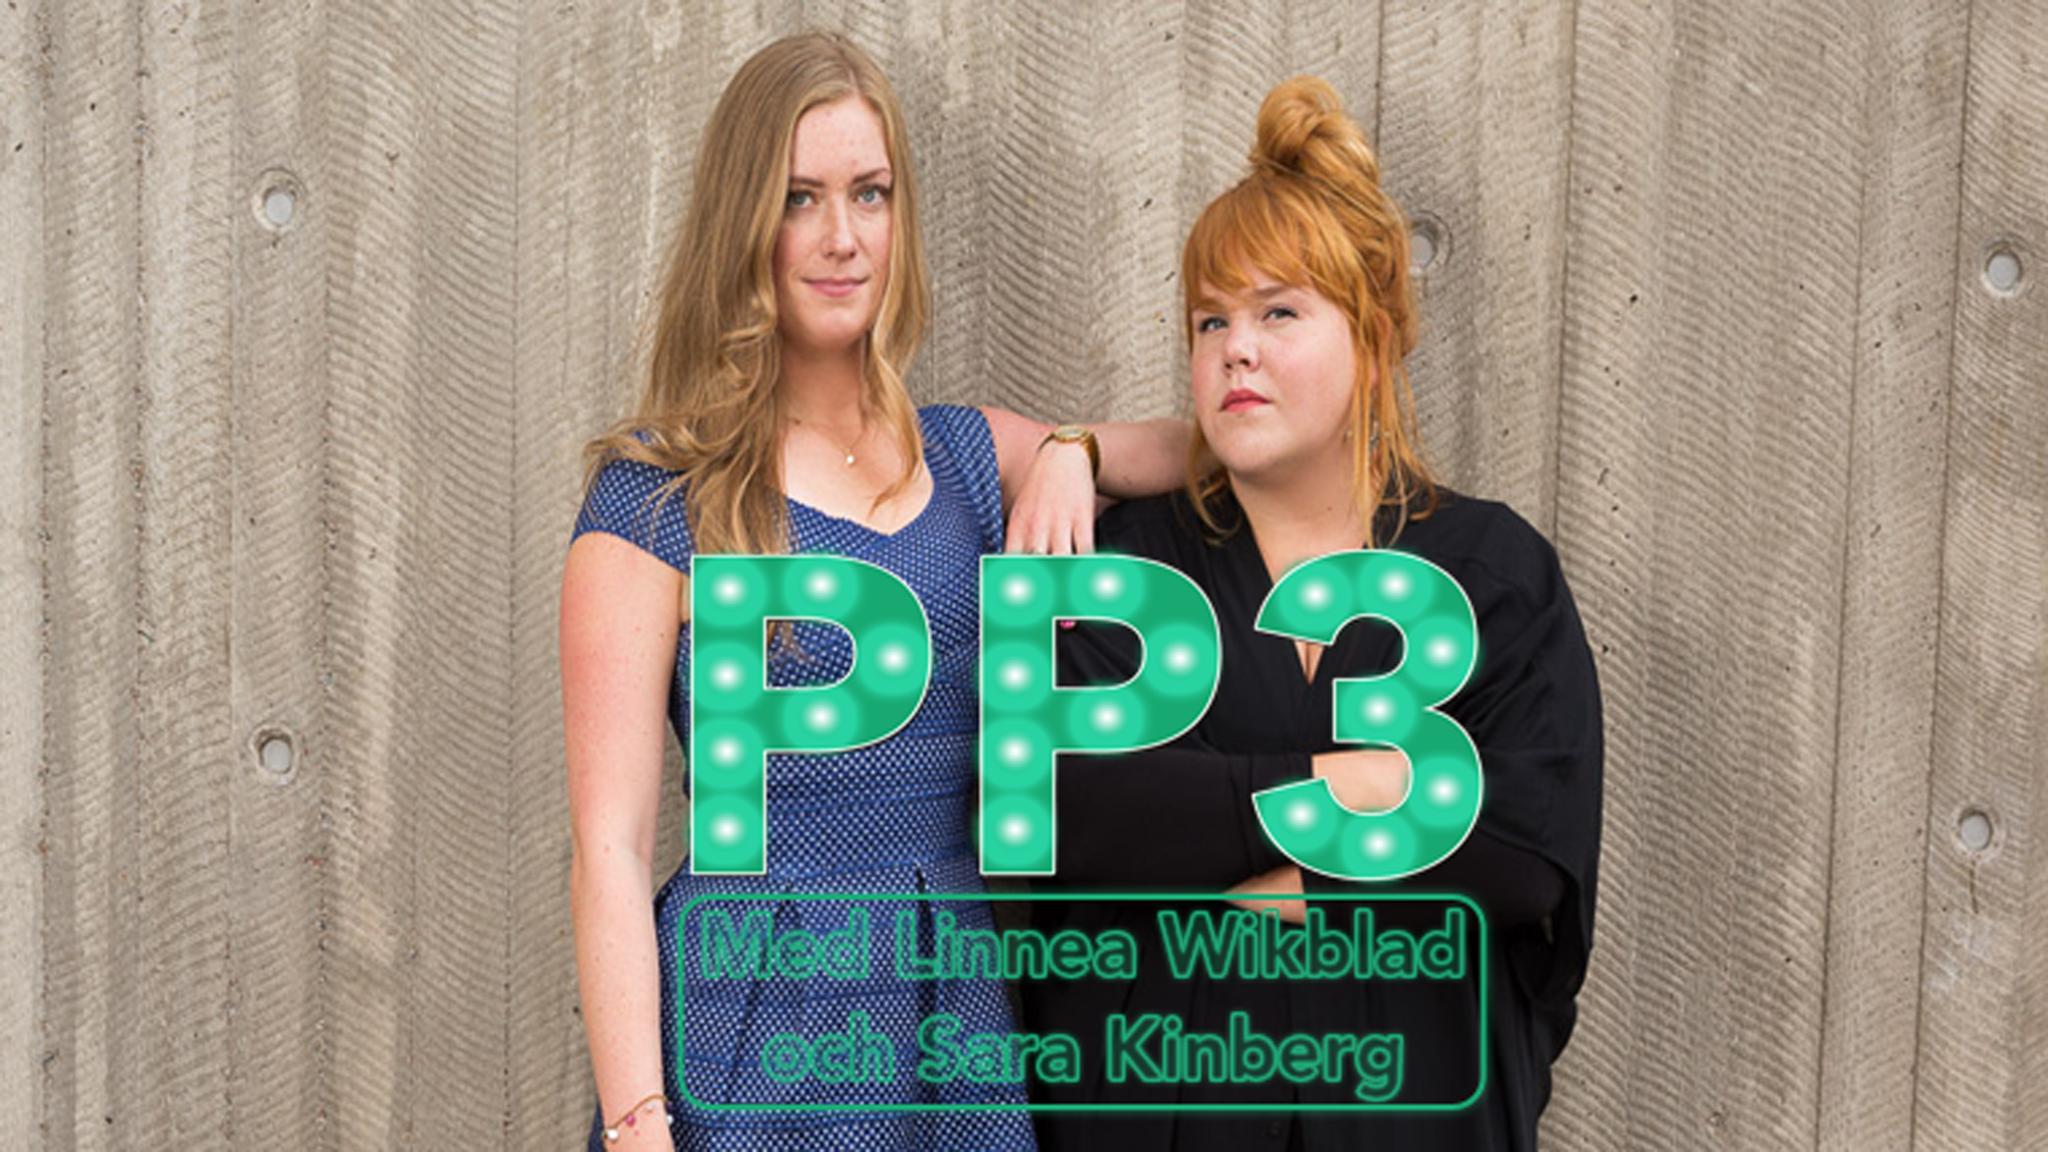 Bild på Linnea Wikblad och Sara Kinberg med texten PP3 med Linnea Wikblad och SAra Kinberg